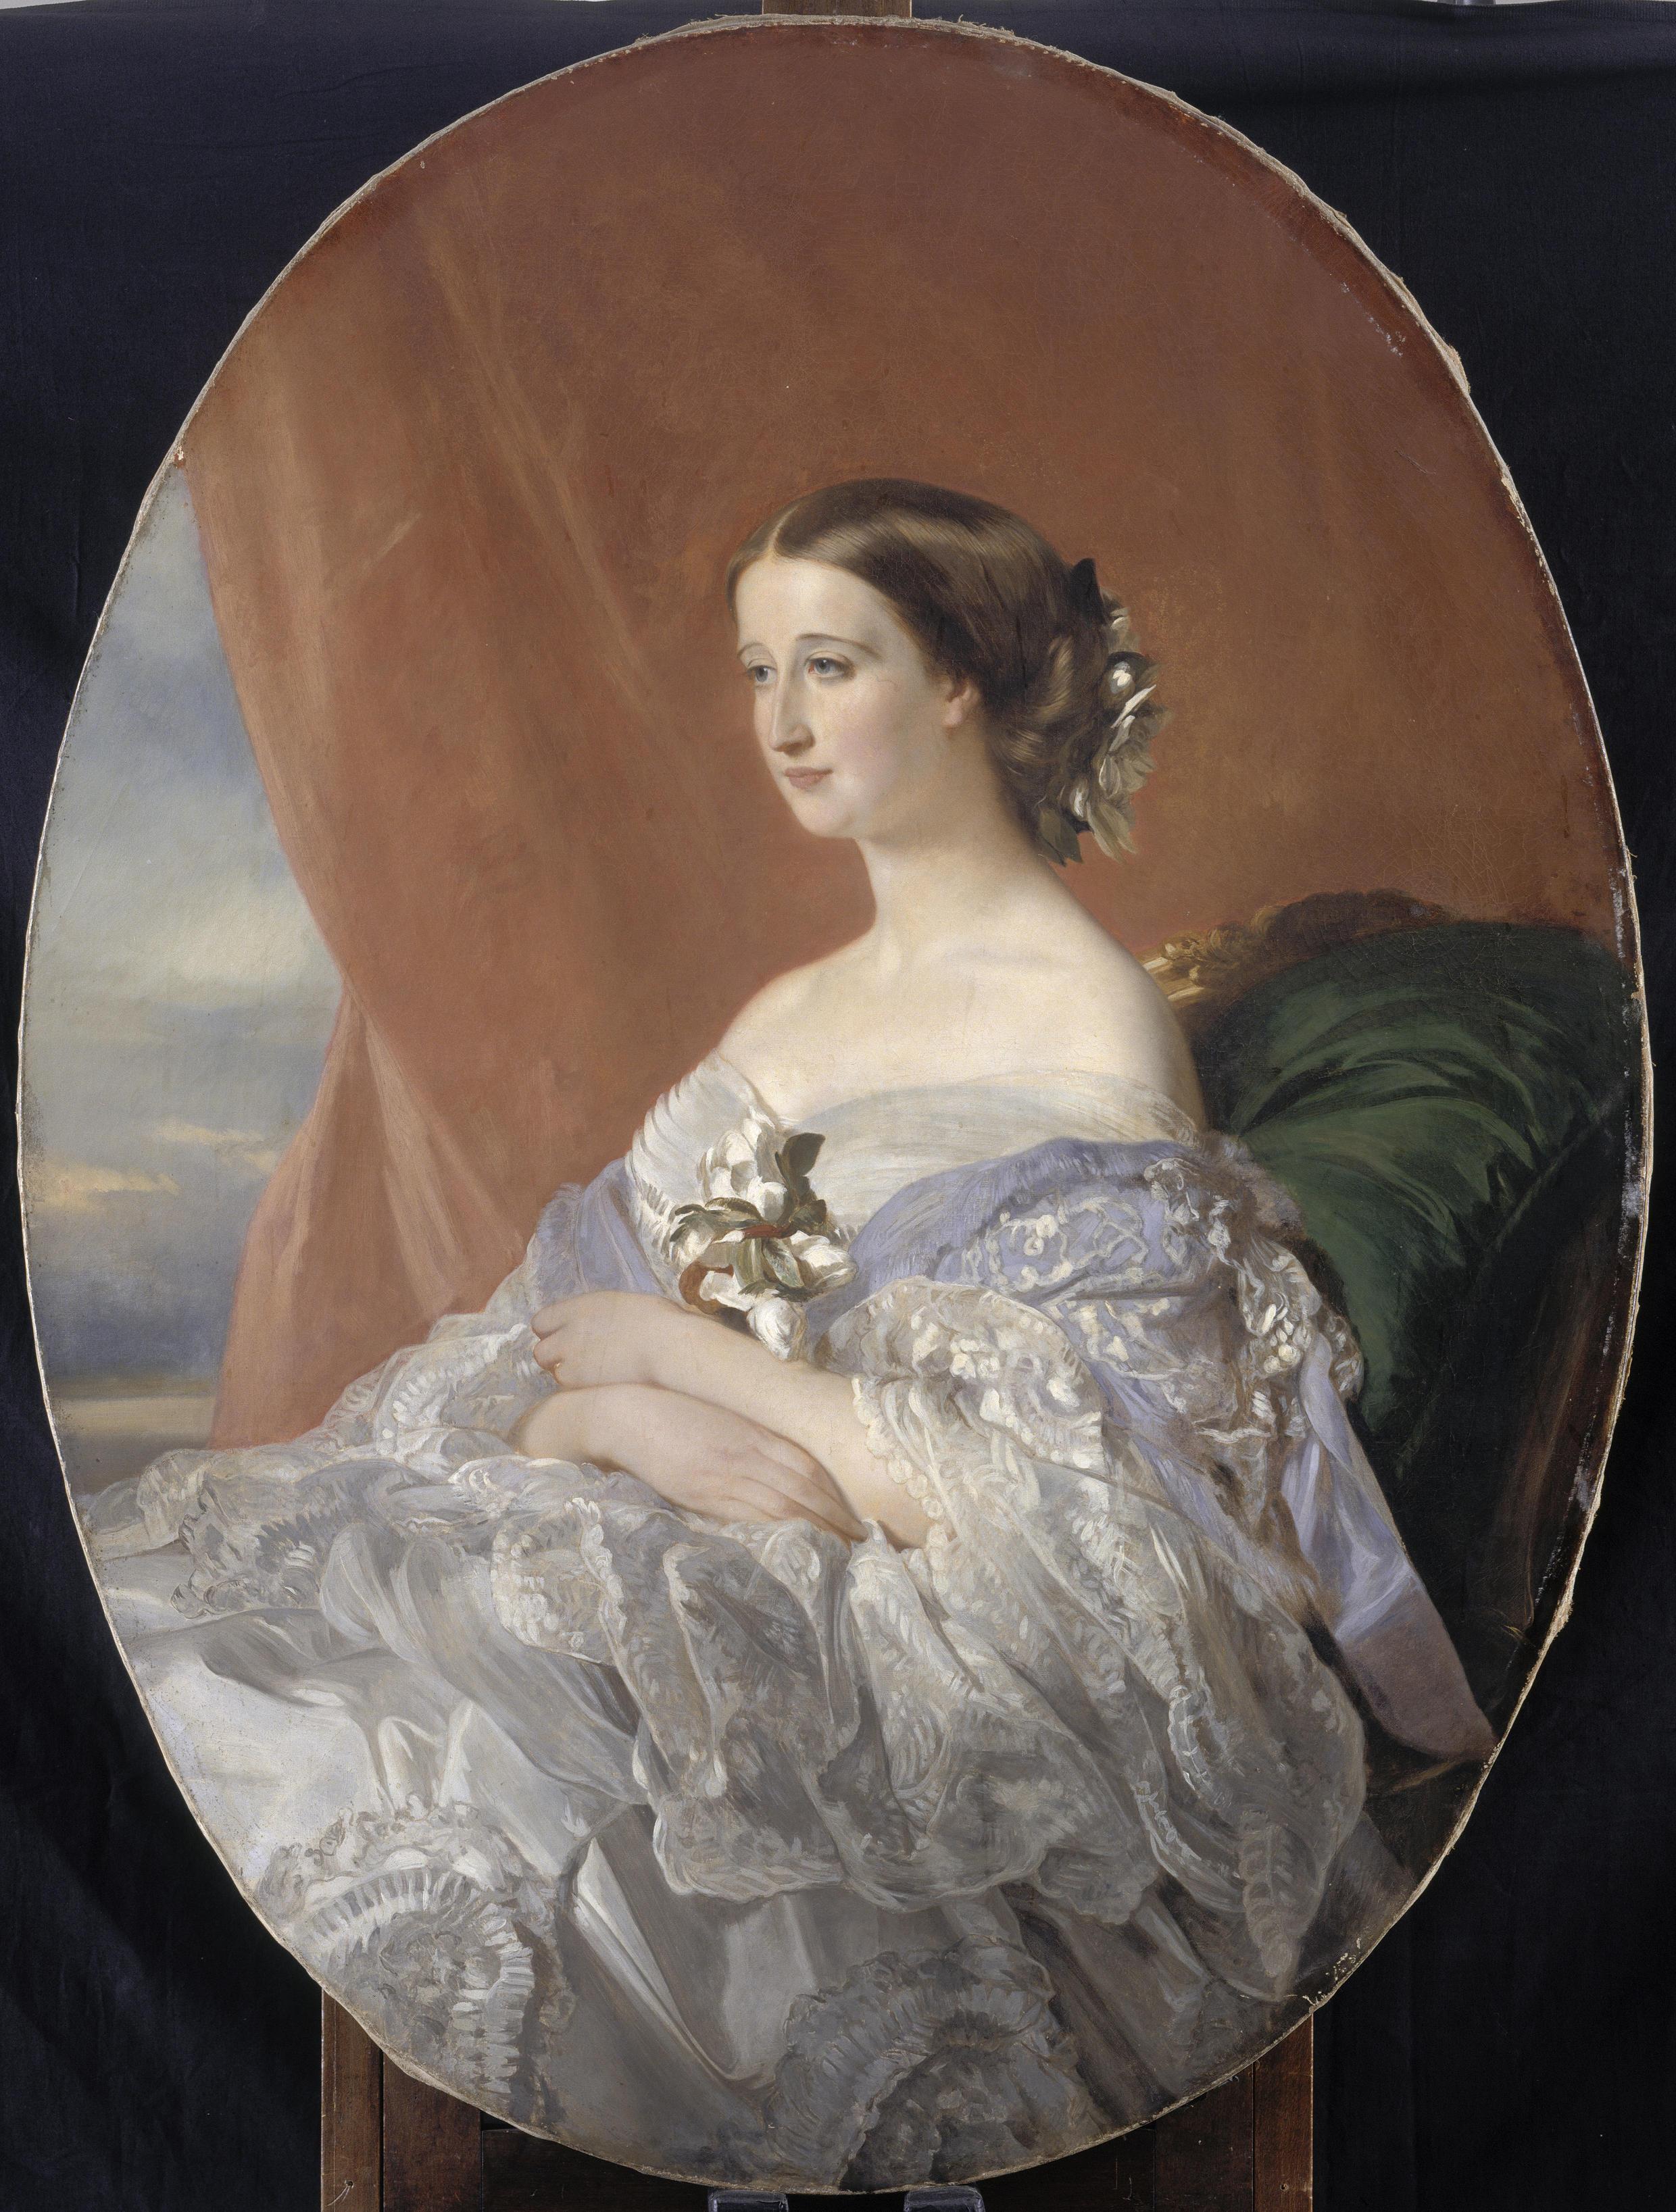 Retrato de la emperatriz Eugenia de Montijo, por Franz Xaver Winterhalter, en 1854.